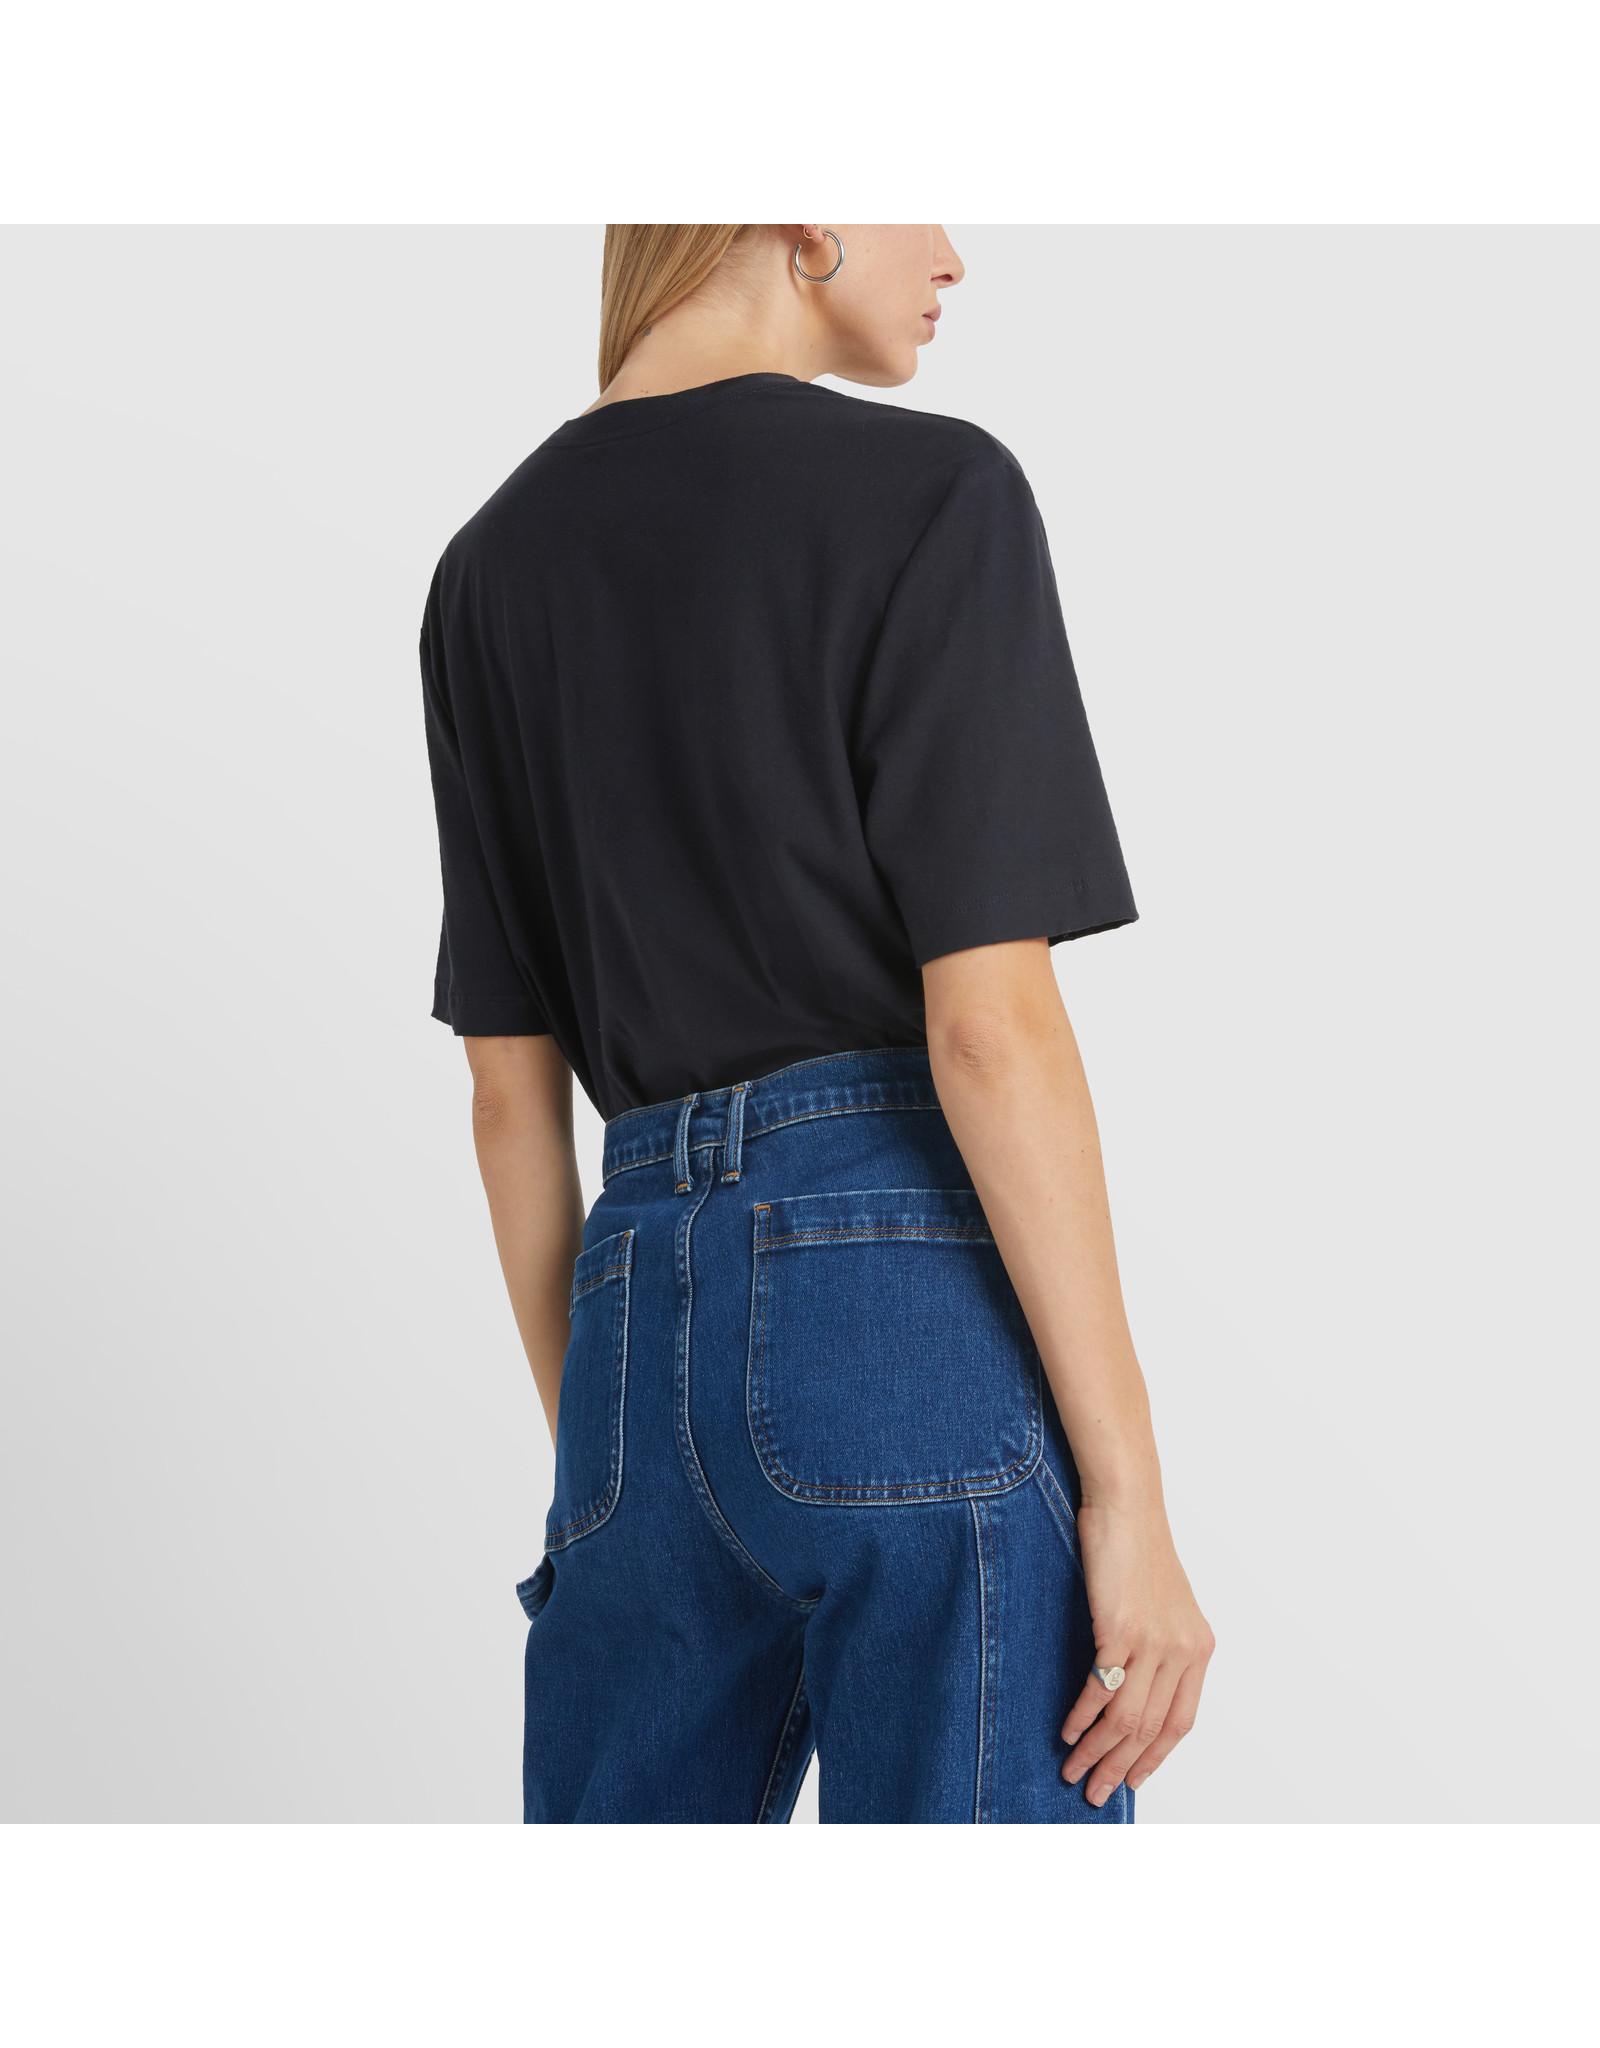 G. Label G. Label Goop University T-Shirt (Color: Navy, Size: M)